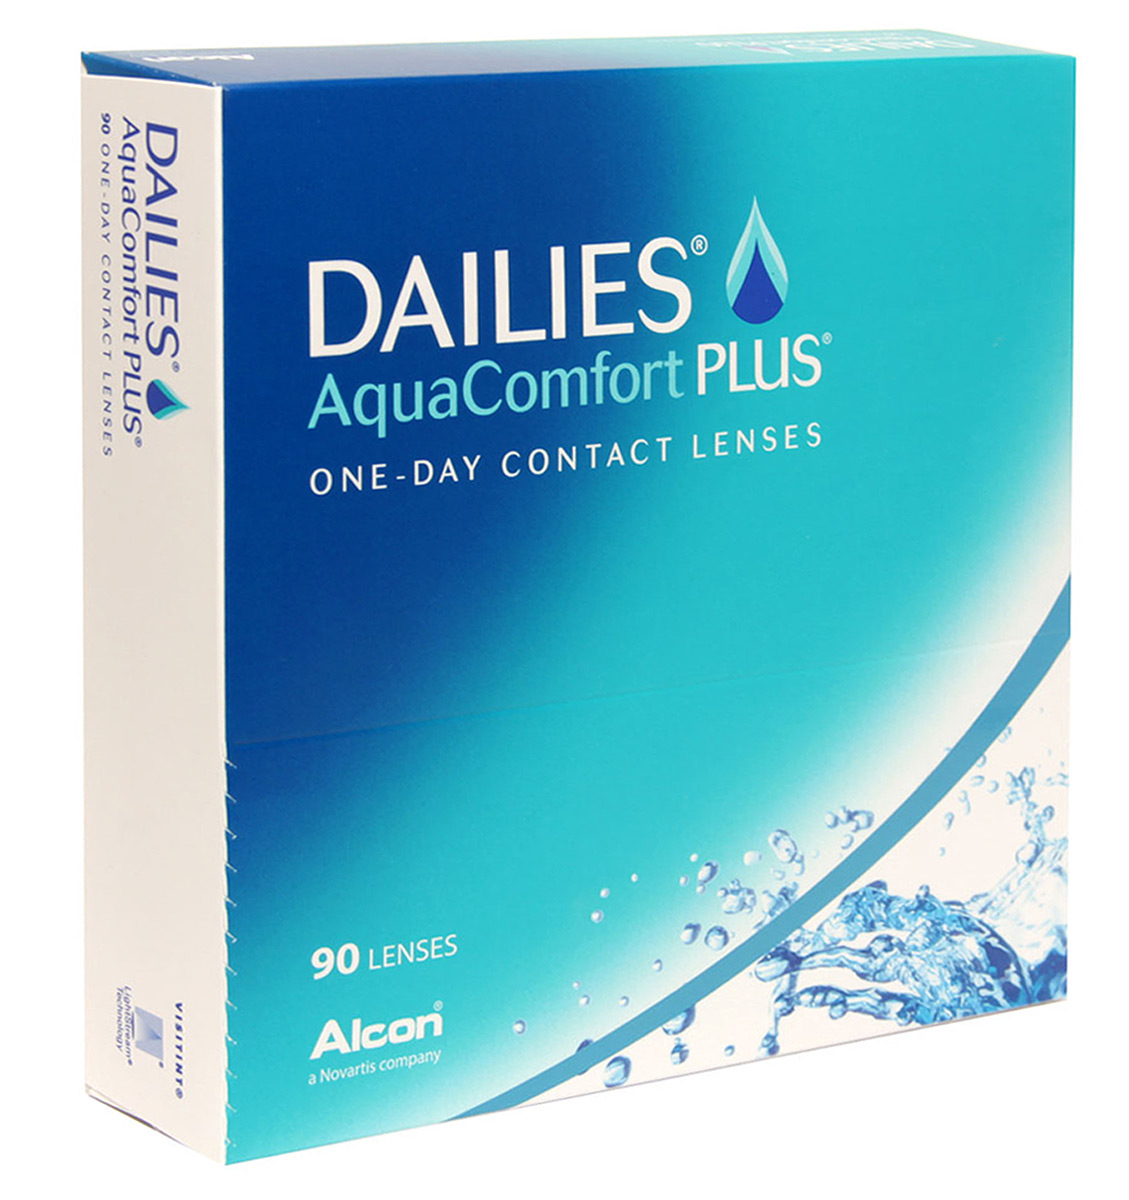 Alcon-CIBA Vision контактные линзы Dailies AquaComfort Plus (90шт / 8.7 / 14.0 / +2.25)12084Dailies Aqua Comfort Plus (90 блистеров) – это одни из самых популярных однодневных линз производства компании CIBA VISION. Эти линзы пользуются огромной популярностью во всем мире и являются на сегодняшний день самыми безопасными контактными линзами. Изготавливаются линзы из современного, 100% безопасного материала нелфилкон А. Особенность этого материала в том, что он легко пропускает воздух и хорошо сохраняет влагу. Однодневные контактные линзы Dailies Aqua Comfort Plus не нуждаются в дополнительном уходе и затратах, каждый день вы надеваете свежую пару линз. Дизайн линзы биосовместимый, что гарантирует безупречный комфорт. Самое главное достоинство Dailies Aqua Comfort Plus – это их уникальная система увлажнения. Благодаря этой разработке линзы увлажняются тремя различными агентами. Первый компонент, ухаживающий за линзами, находится в растворе, он как бы обволакивает линзу, обеспечивая чрезвычайно комфортное надевание. Второй агент выделяется на протяжении всего дня, он непрерывно смачивает линзы. Третий – увлажняющий агент, выделяется во время моргания, благодаря ему поддерживается постоянный комфорт. Также линзы имеют УФ-фильтр, который будет заботиться о ваших глазах. Dailies Aqua Comfort Plus одни из лучших линз в своей категории. Всемирно известная компания CIBAVISION, создавая эти контактные линзы, попыталась учесть все потребности пациентов и ей это удалось!Кривизна, Mm: /8.7/.Оптическая сила,mm: +2.25.Содержание воды, %: 69.